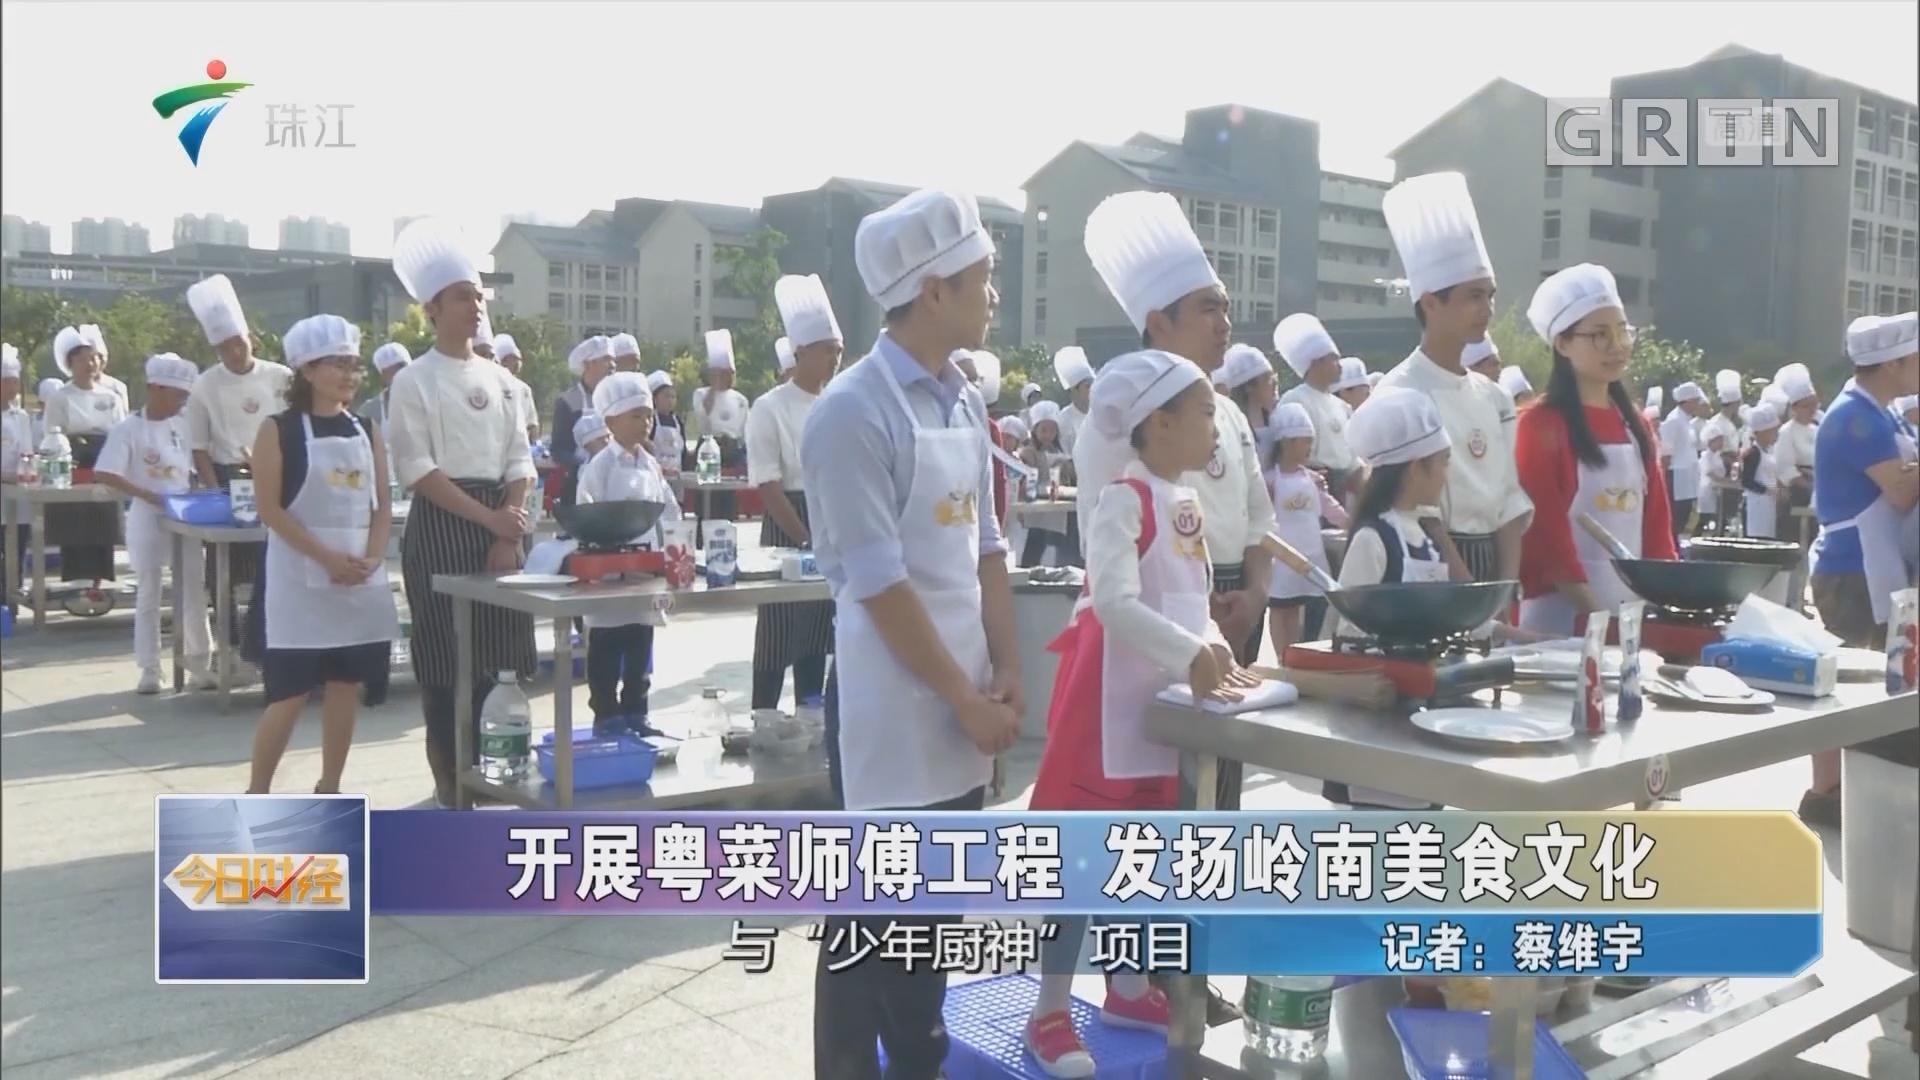 开展粤菜师傅工程 发扬岭南美食文化